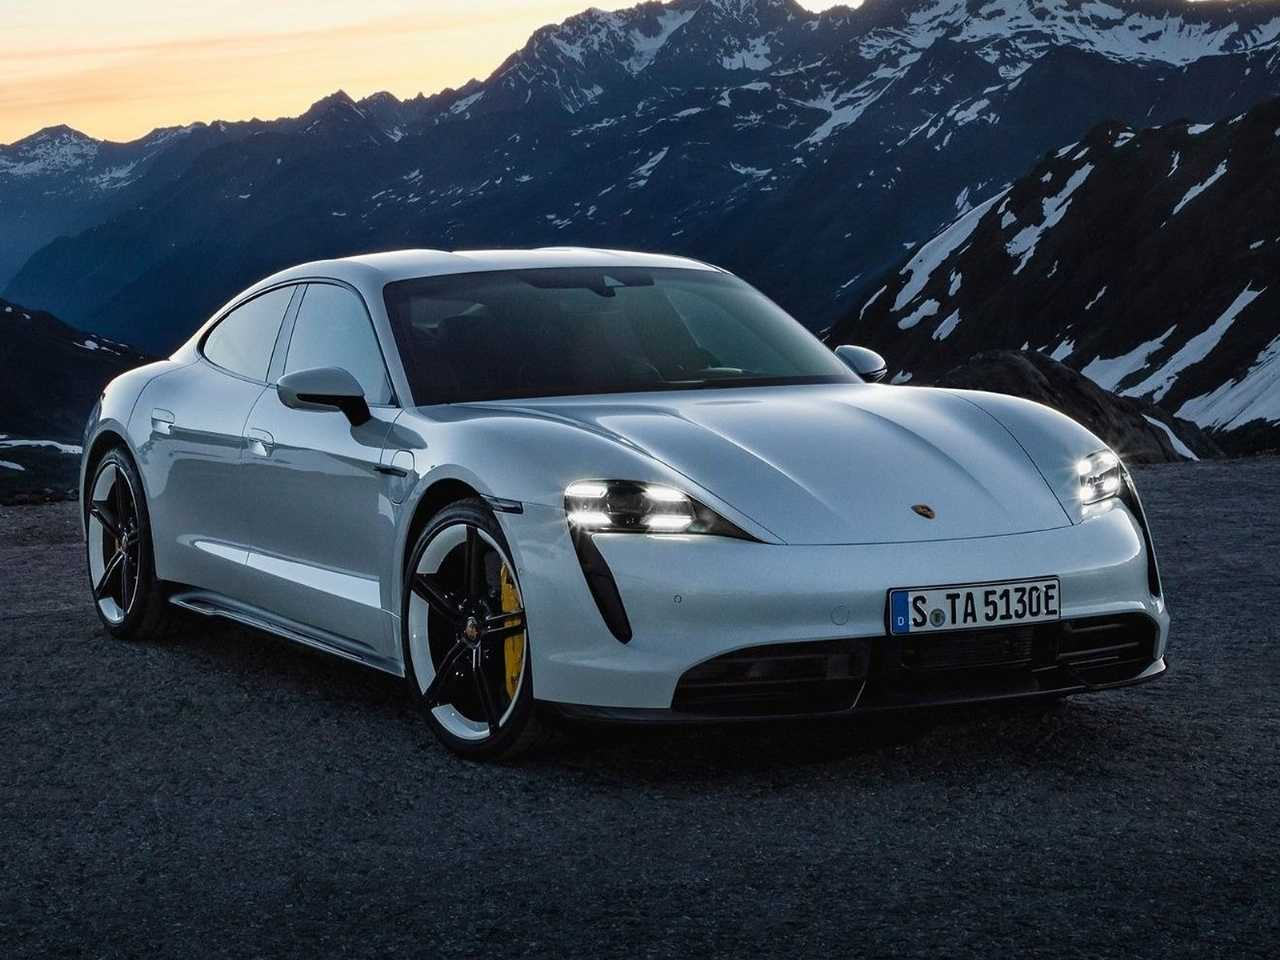 PorscheTaycan 2020 - ângulo frontal